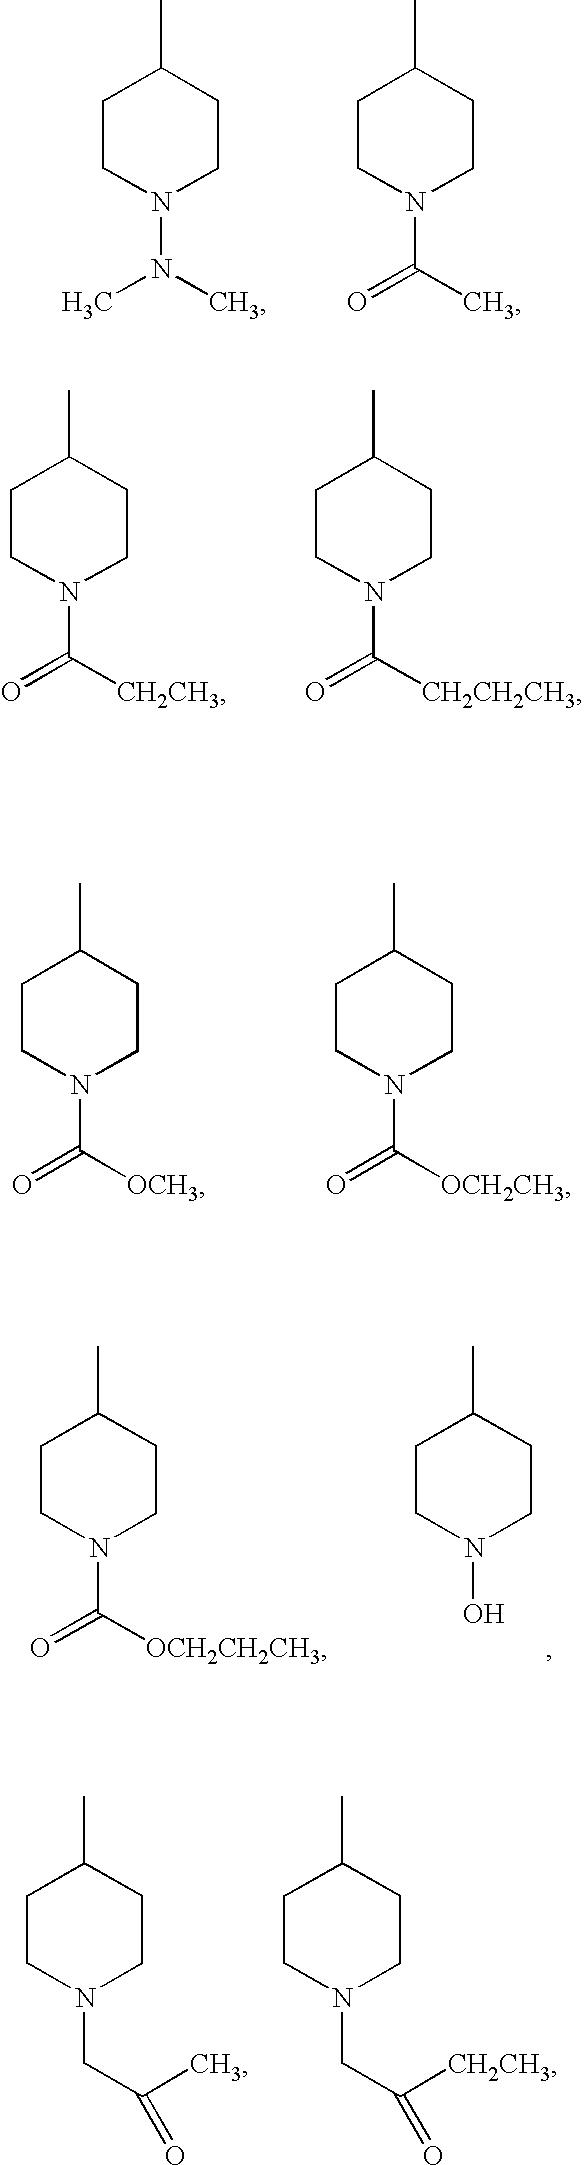 Figure US07112587-20060926-C00103